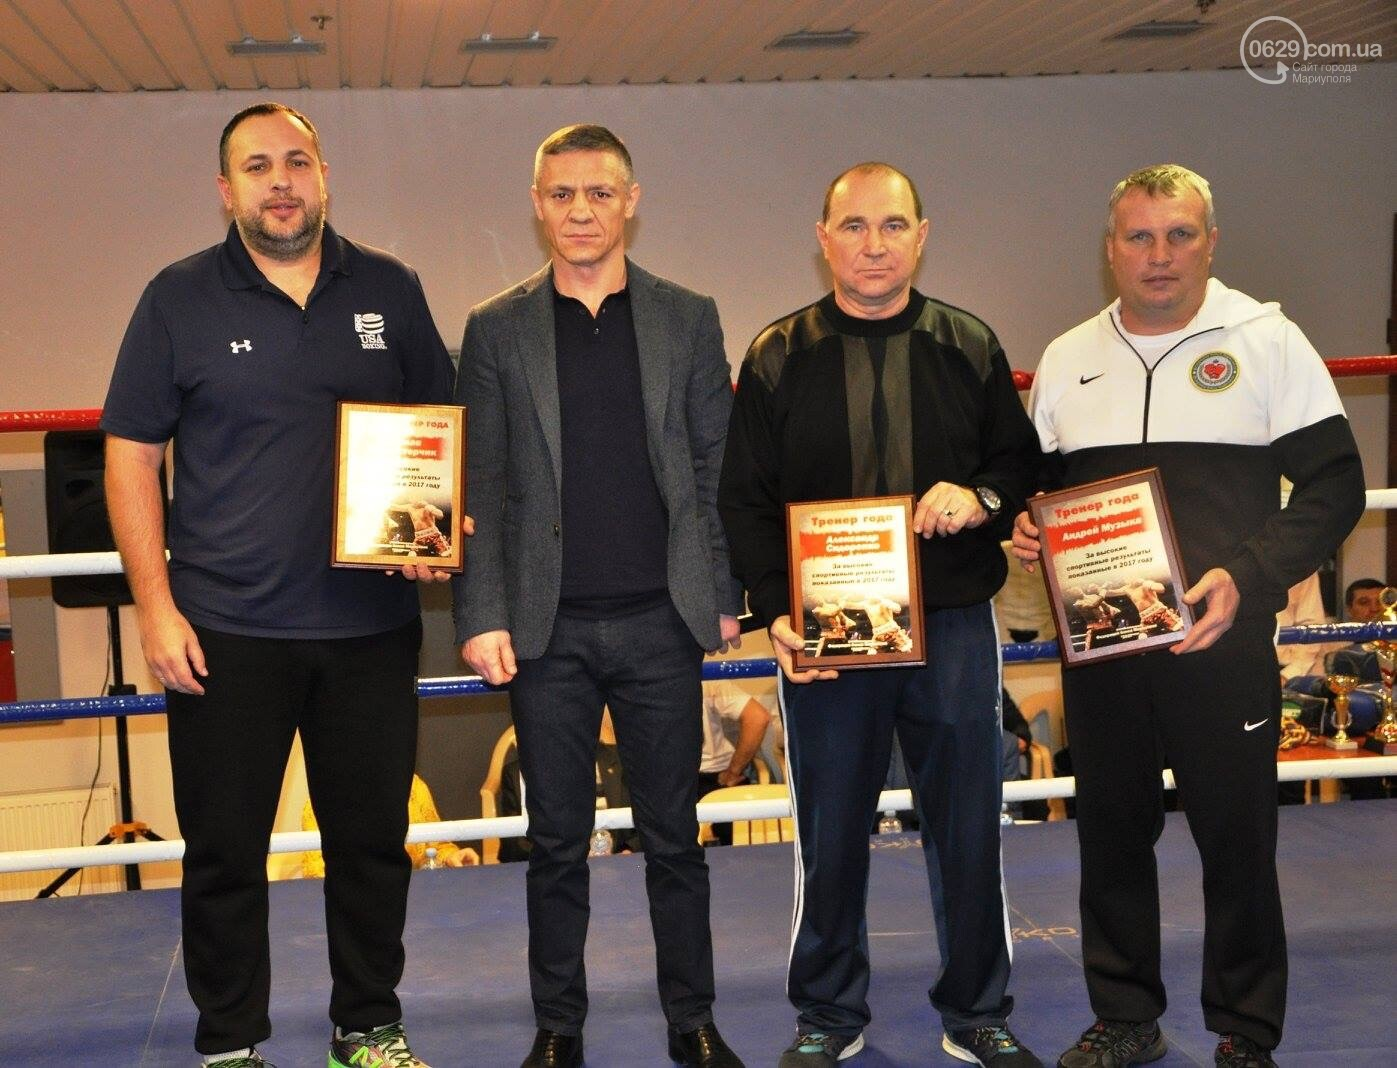 В минувшие выходные завершился Открытый чемпионат Мариуполя по боксу, на призы Заслуженного тренера Украины Владимира Кленина, фото-8